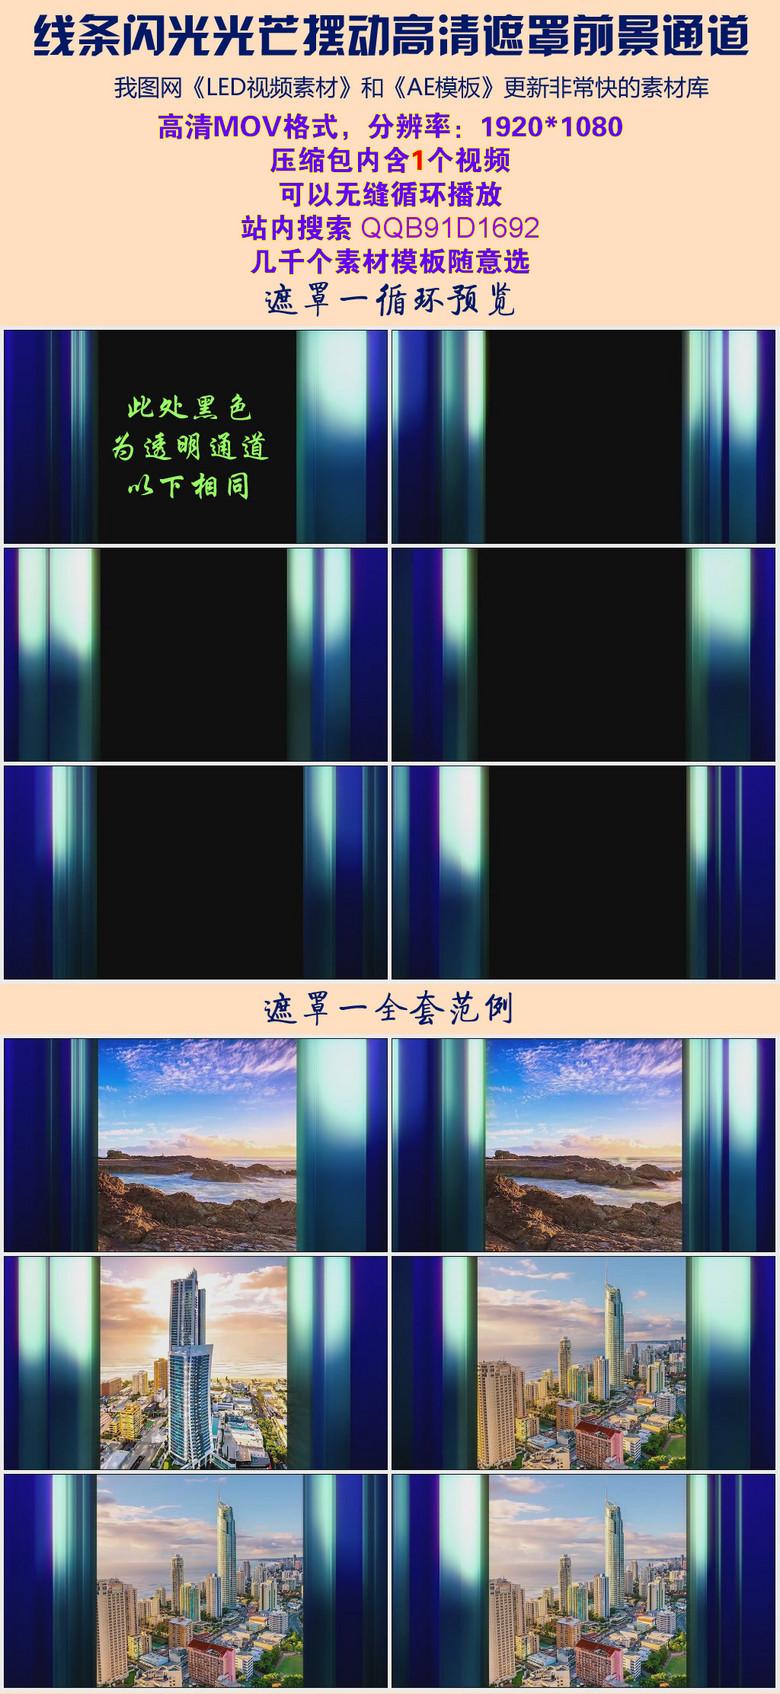 視頻前景提取_視頻背景音樂提取_matlab 視頻前景提取